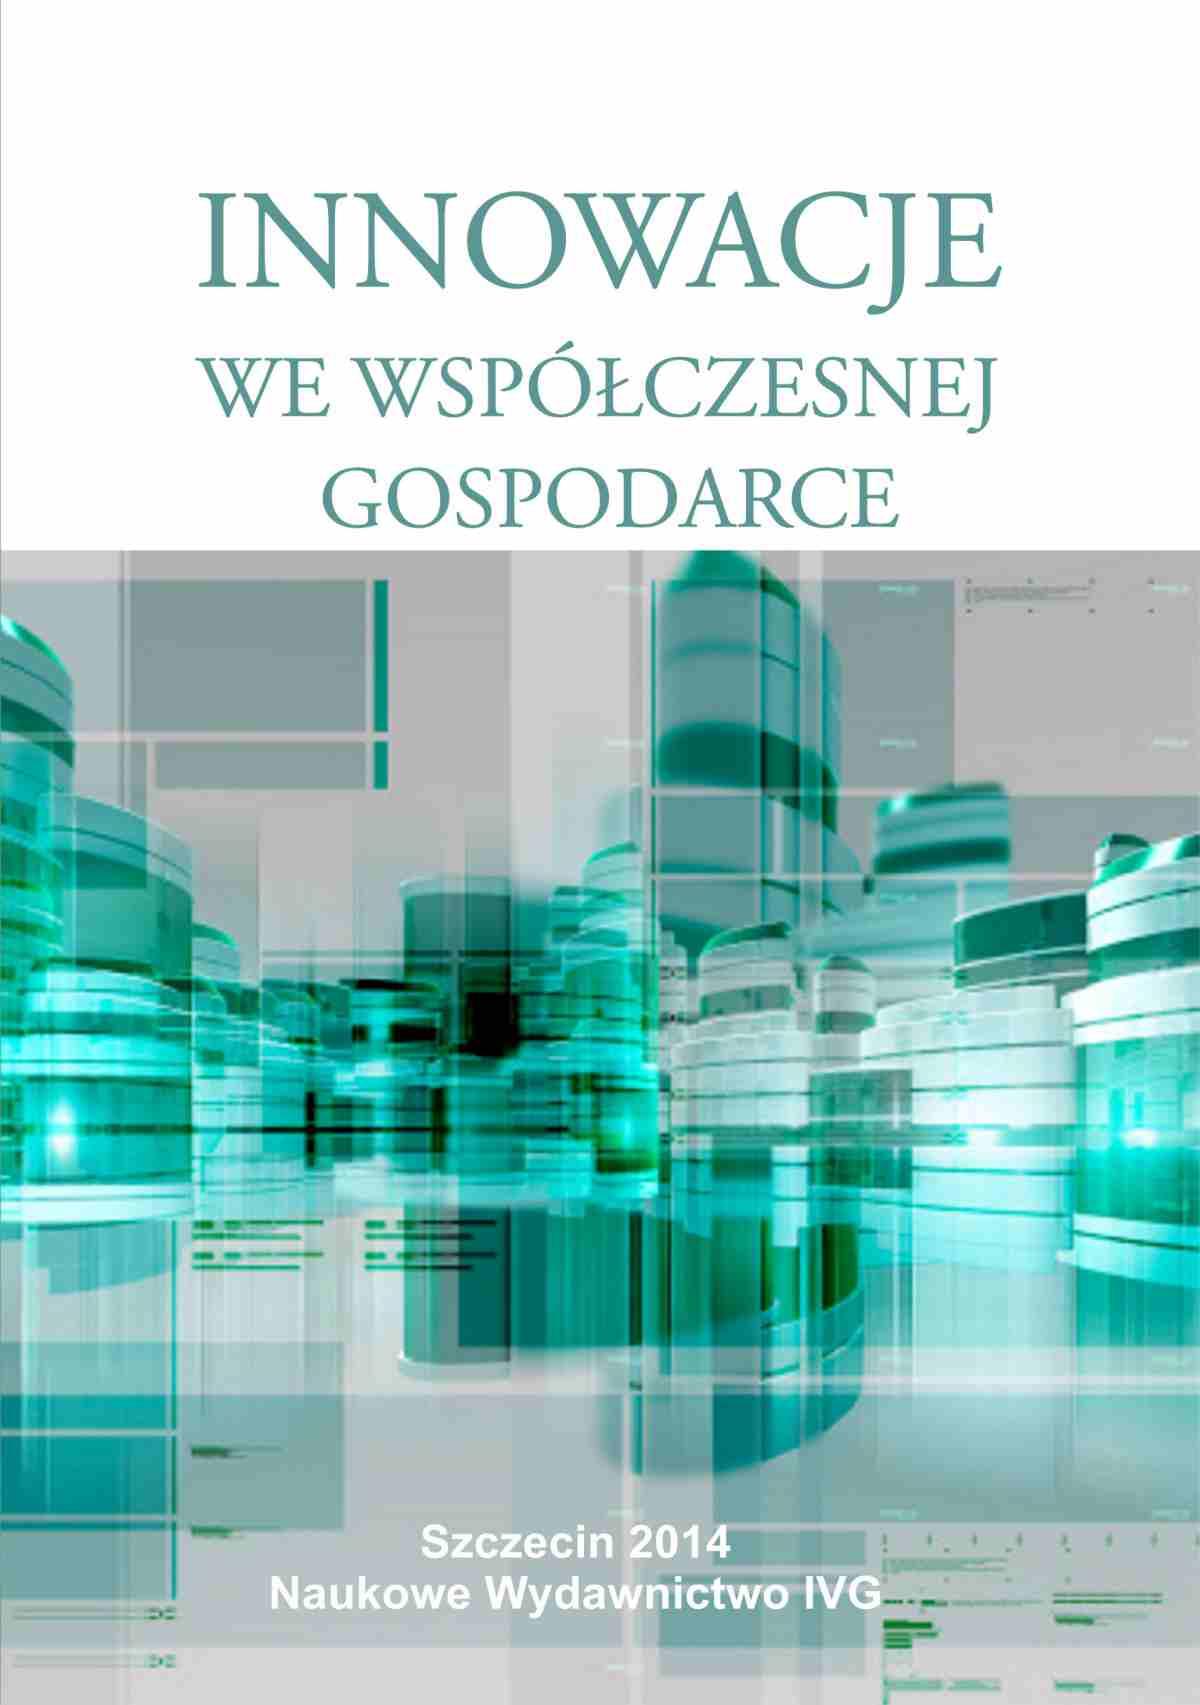 Innowacje we współczesnej gospodarce - Ebook (Książka PDF) do pobrania w formacie PDF